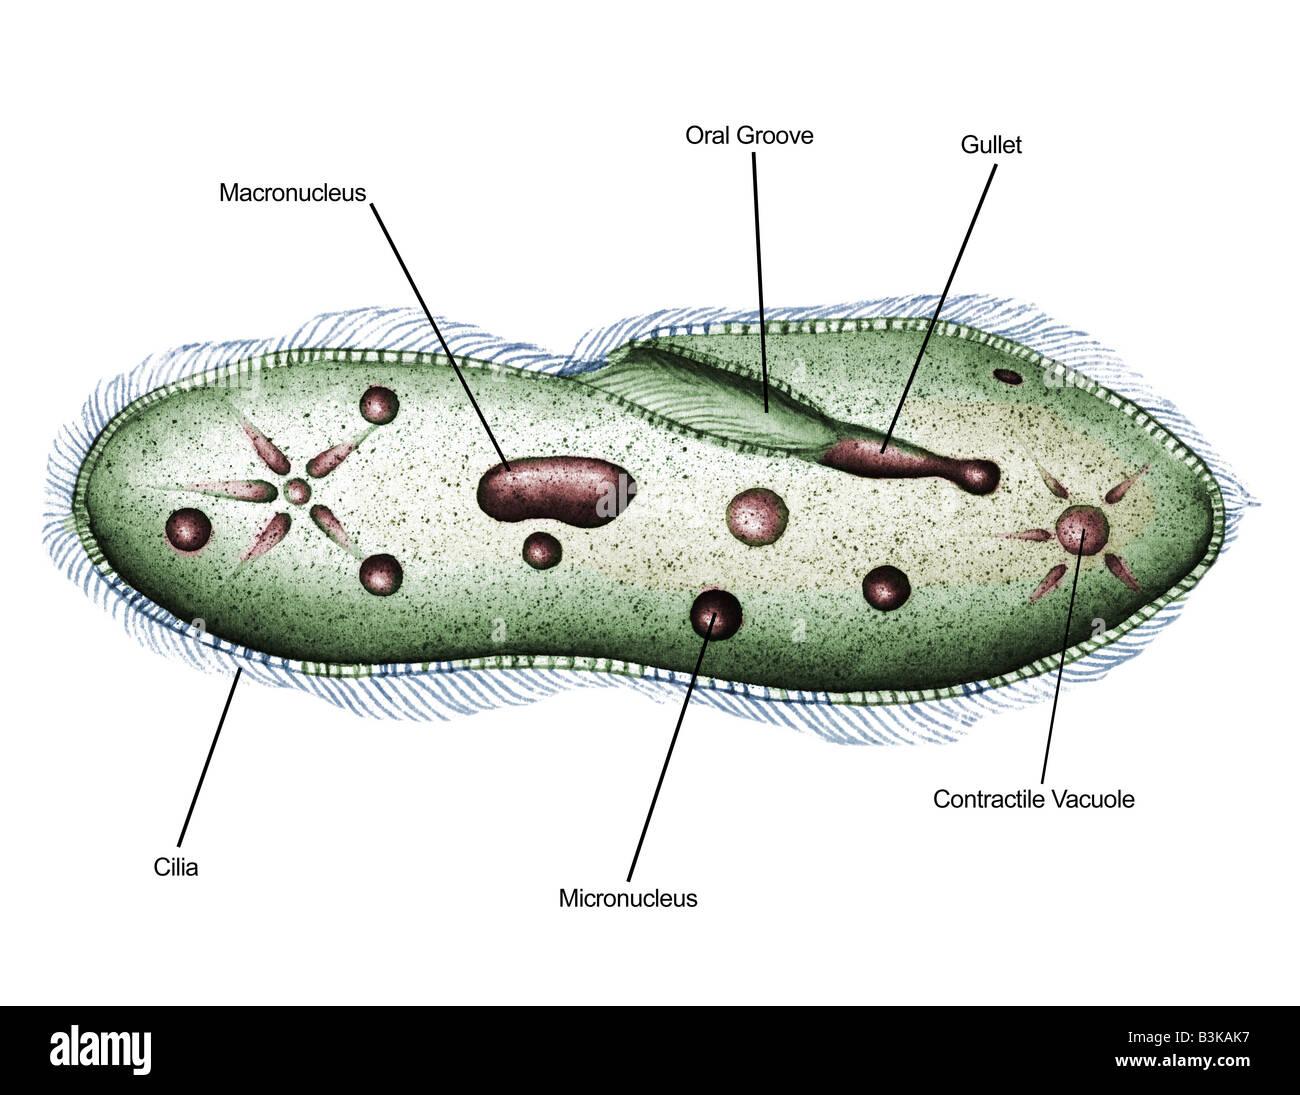 euglena diagram labeled 400 magnification 120v to 12v transformer wiring paramecium stock photos and images alamy